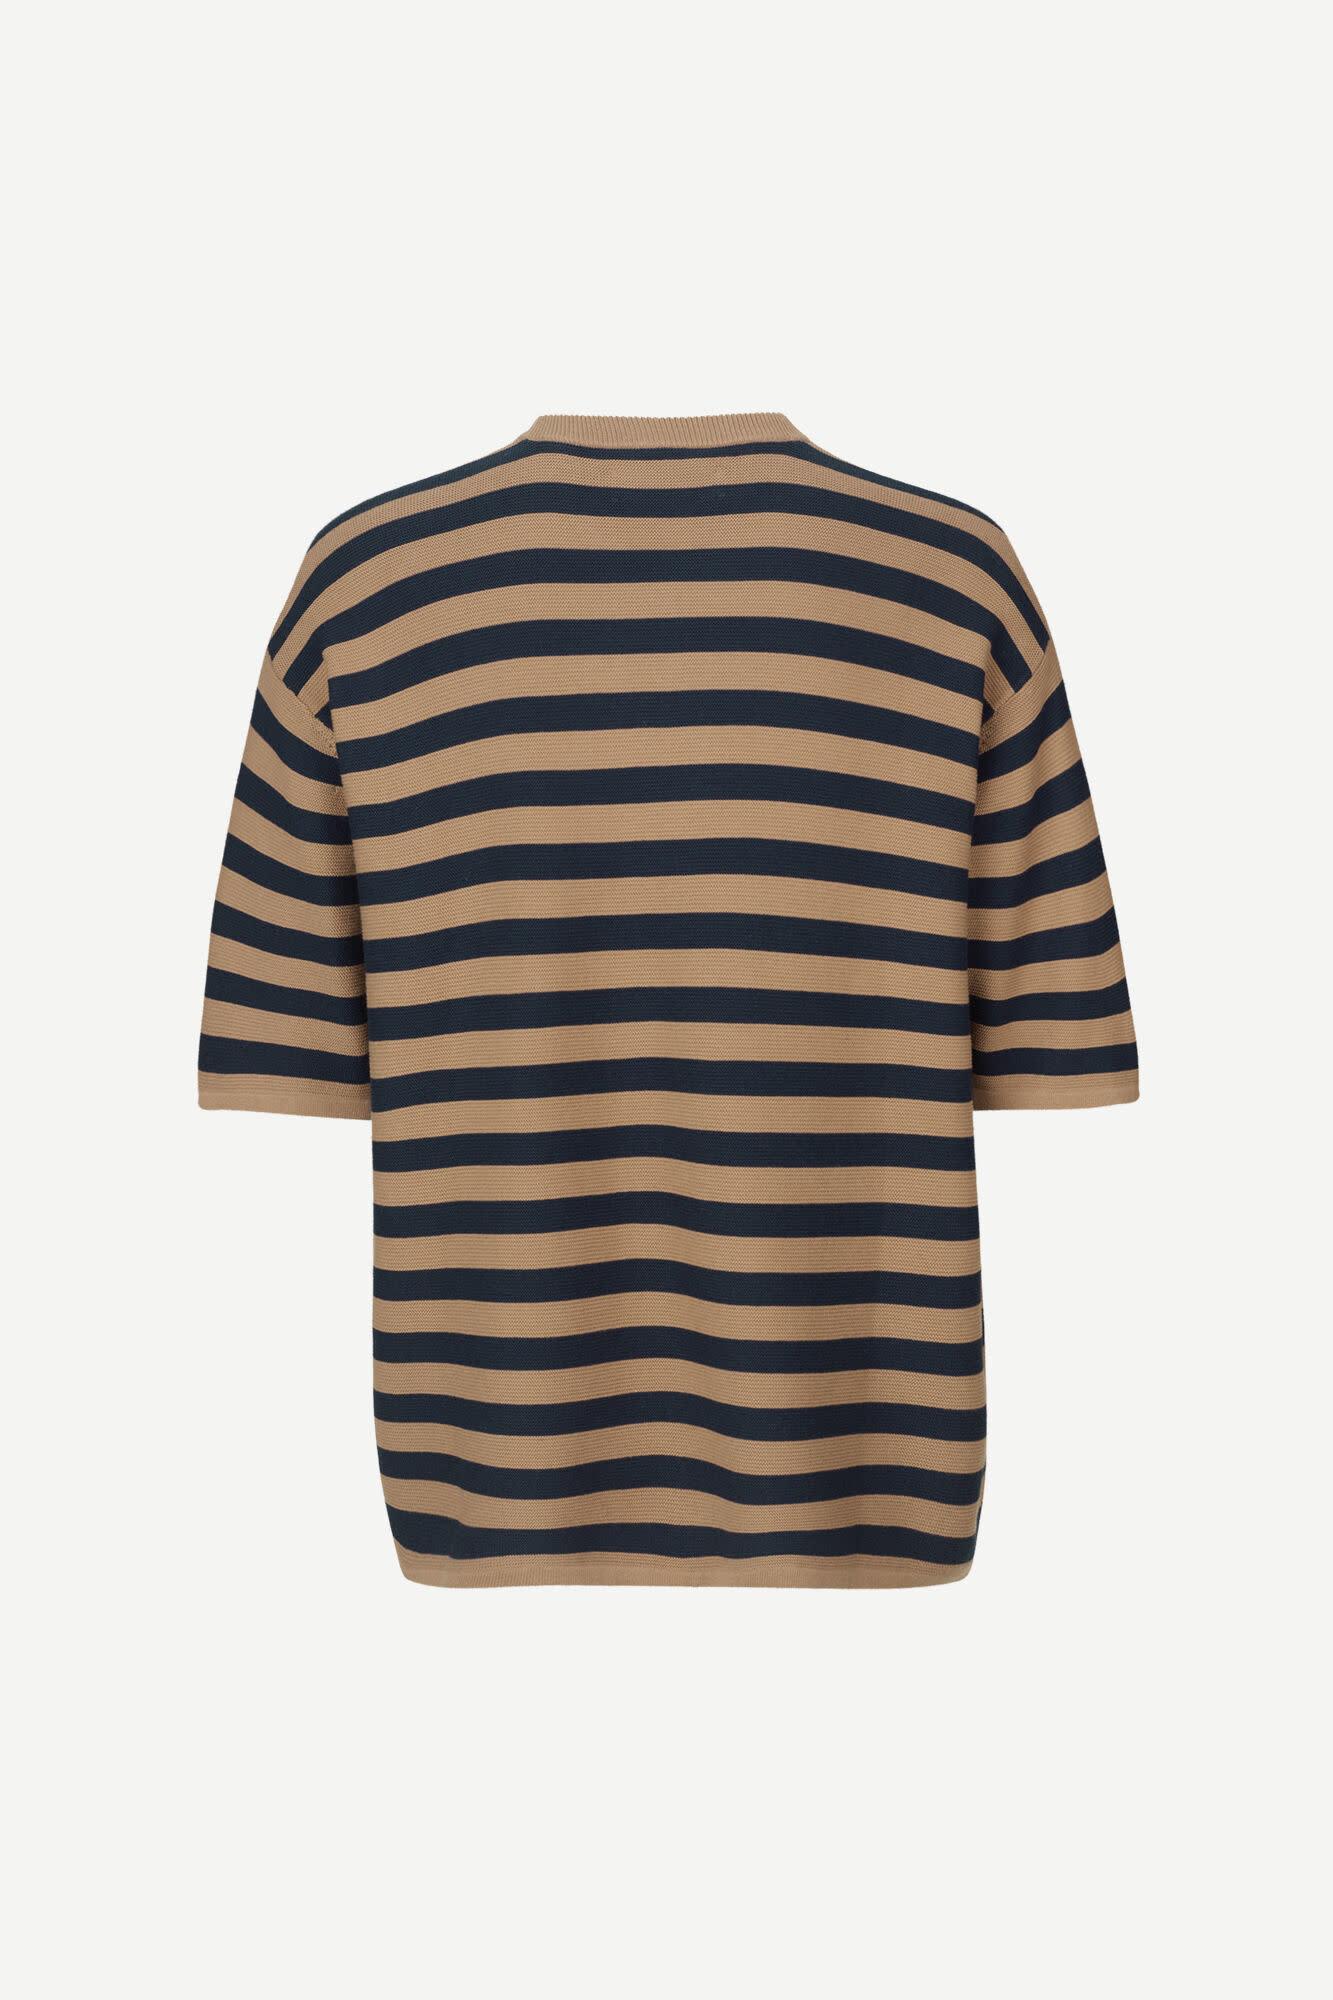 Leon Woven T-Shirt Caribou Stripe-1